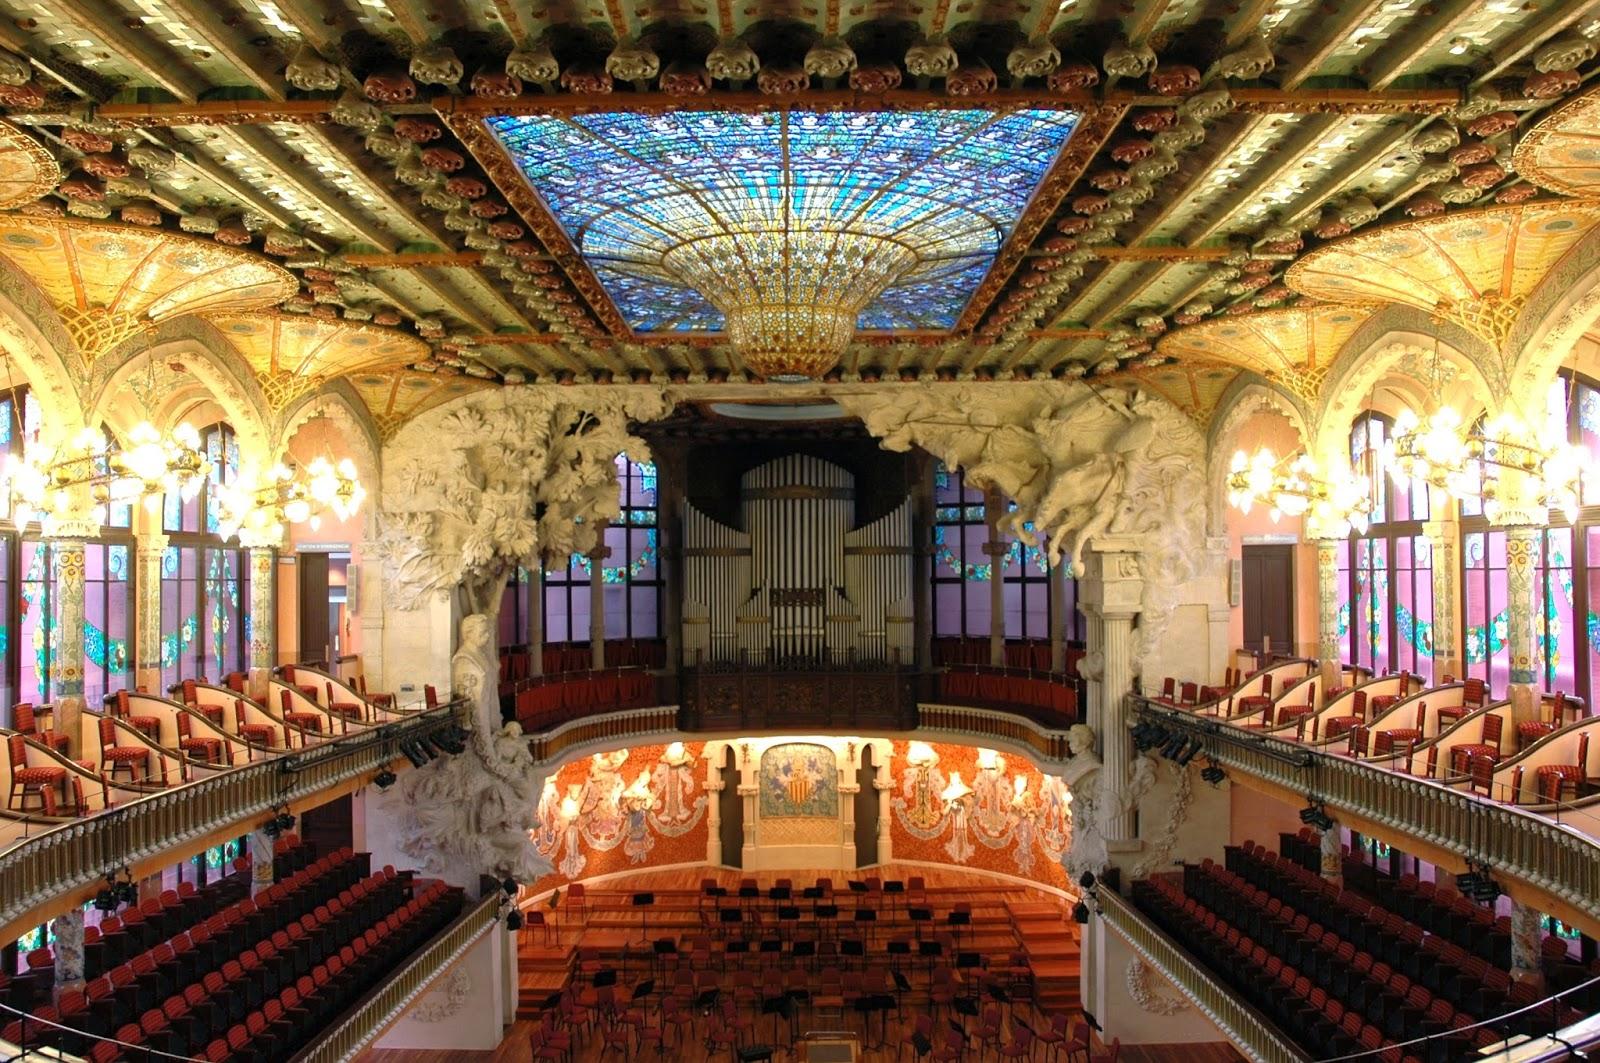 Sala de concerts del Palau de la música de Barcelona